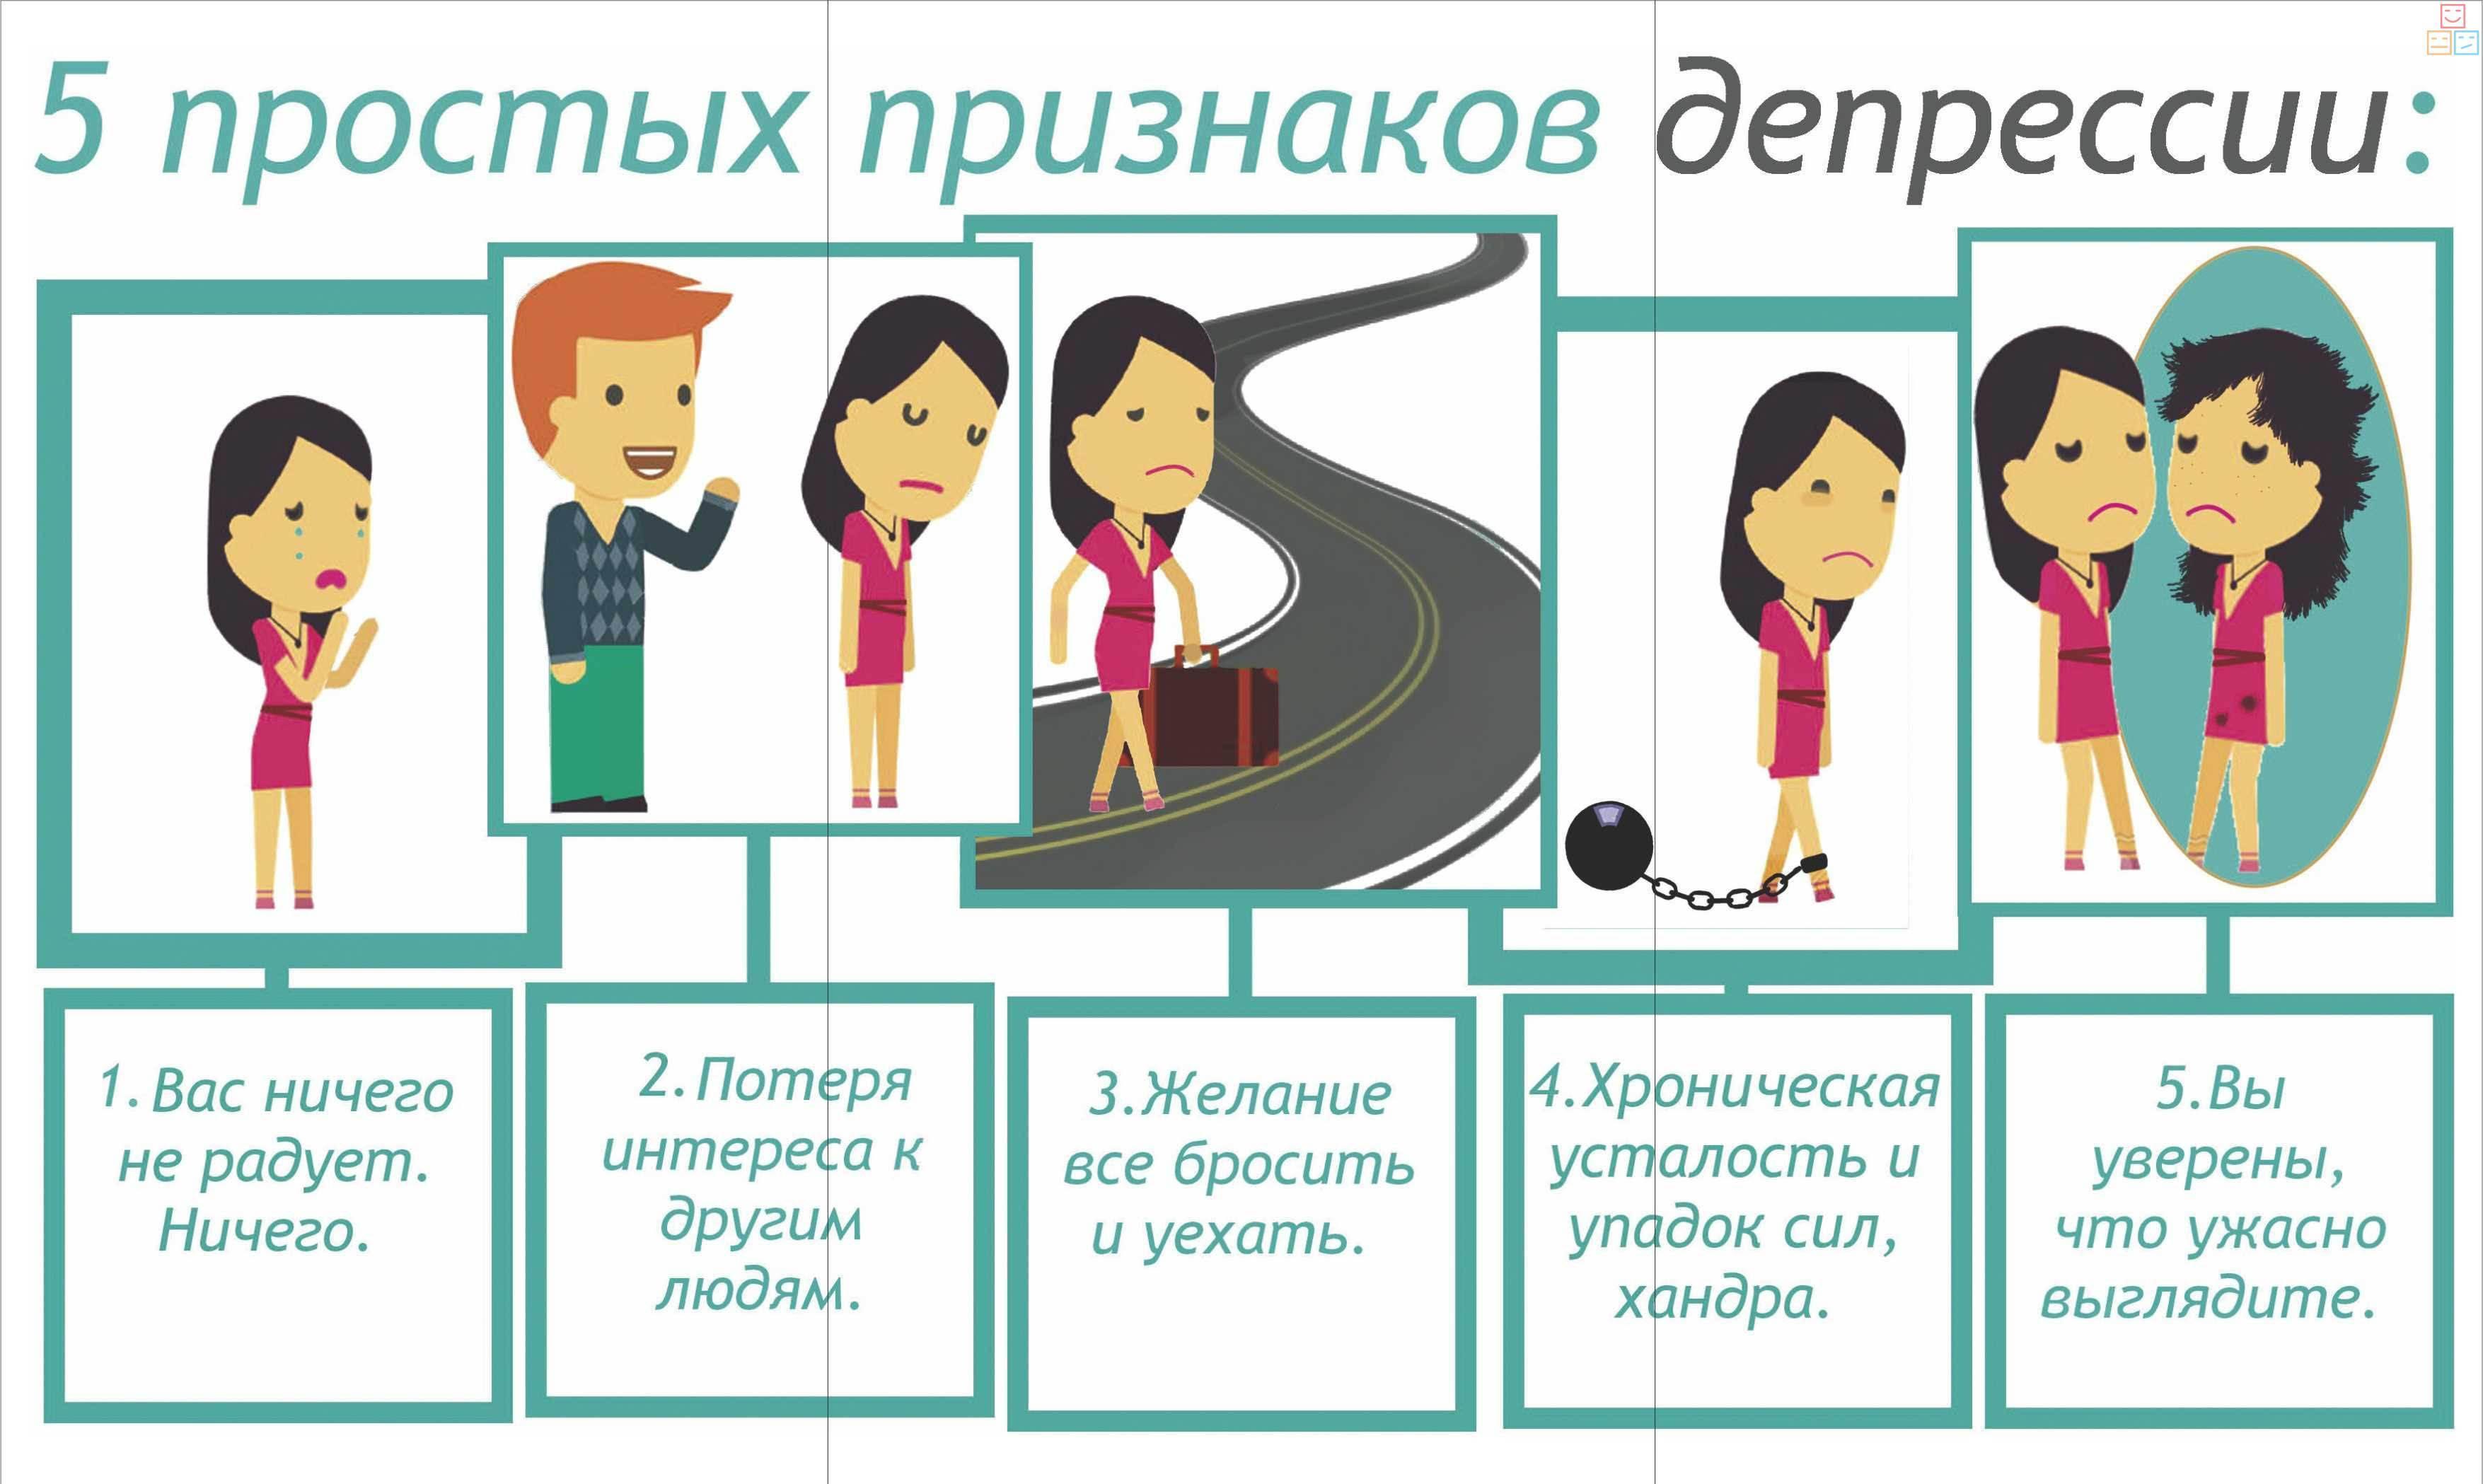 Признаки депрессии у женщины — как узнать и вылечить